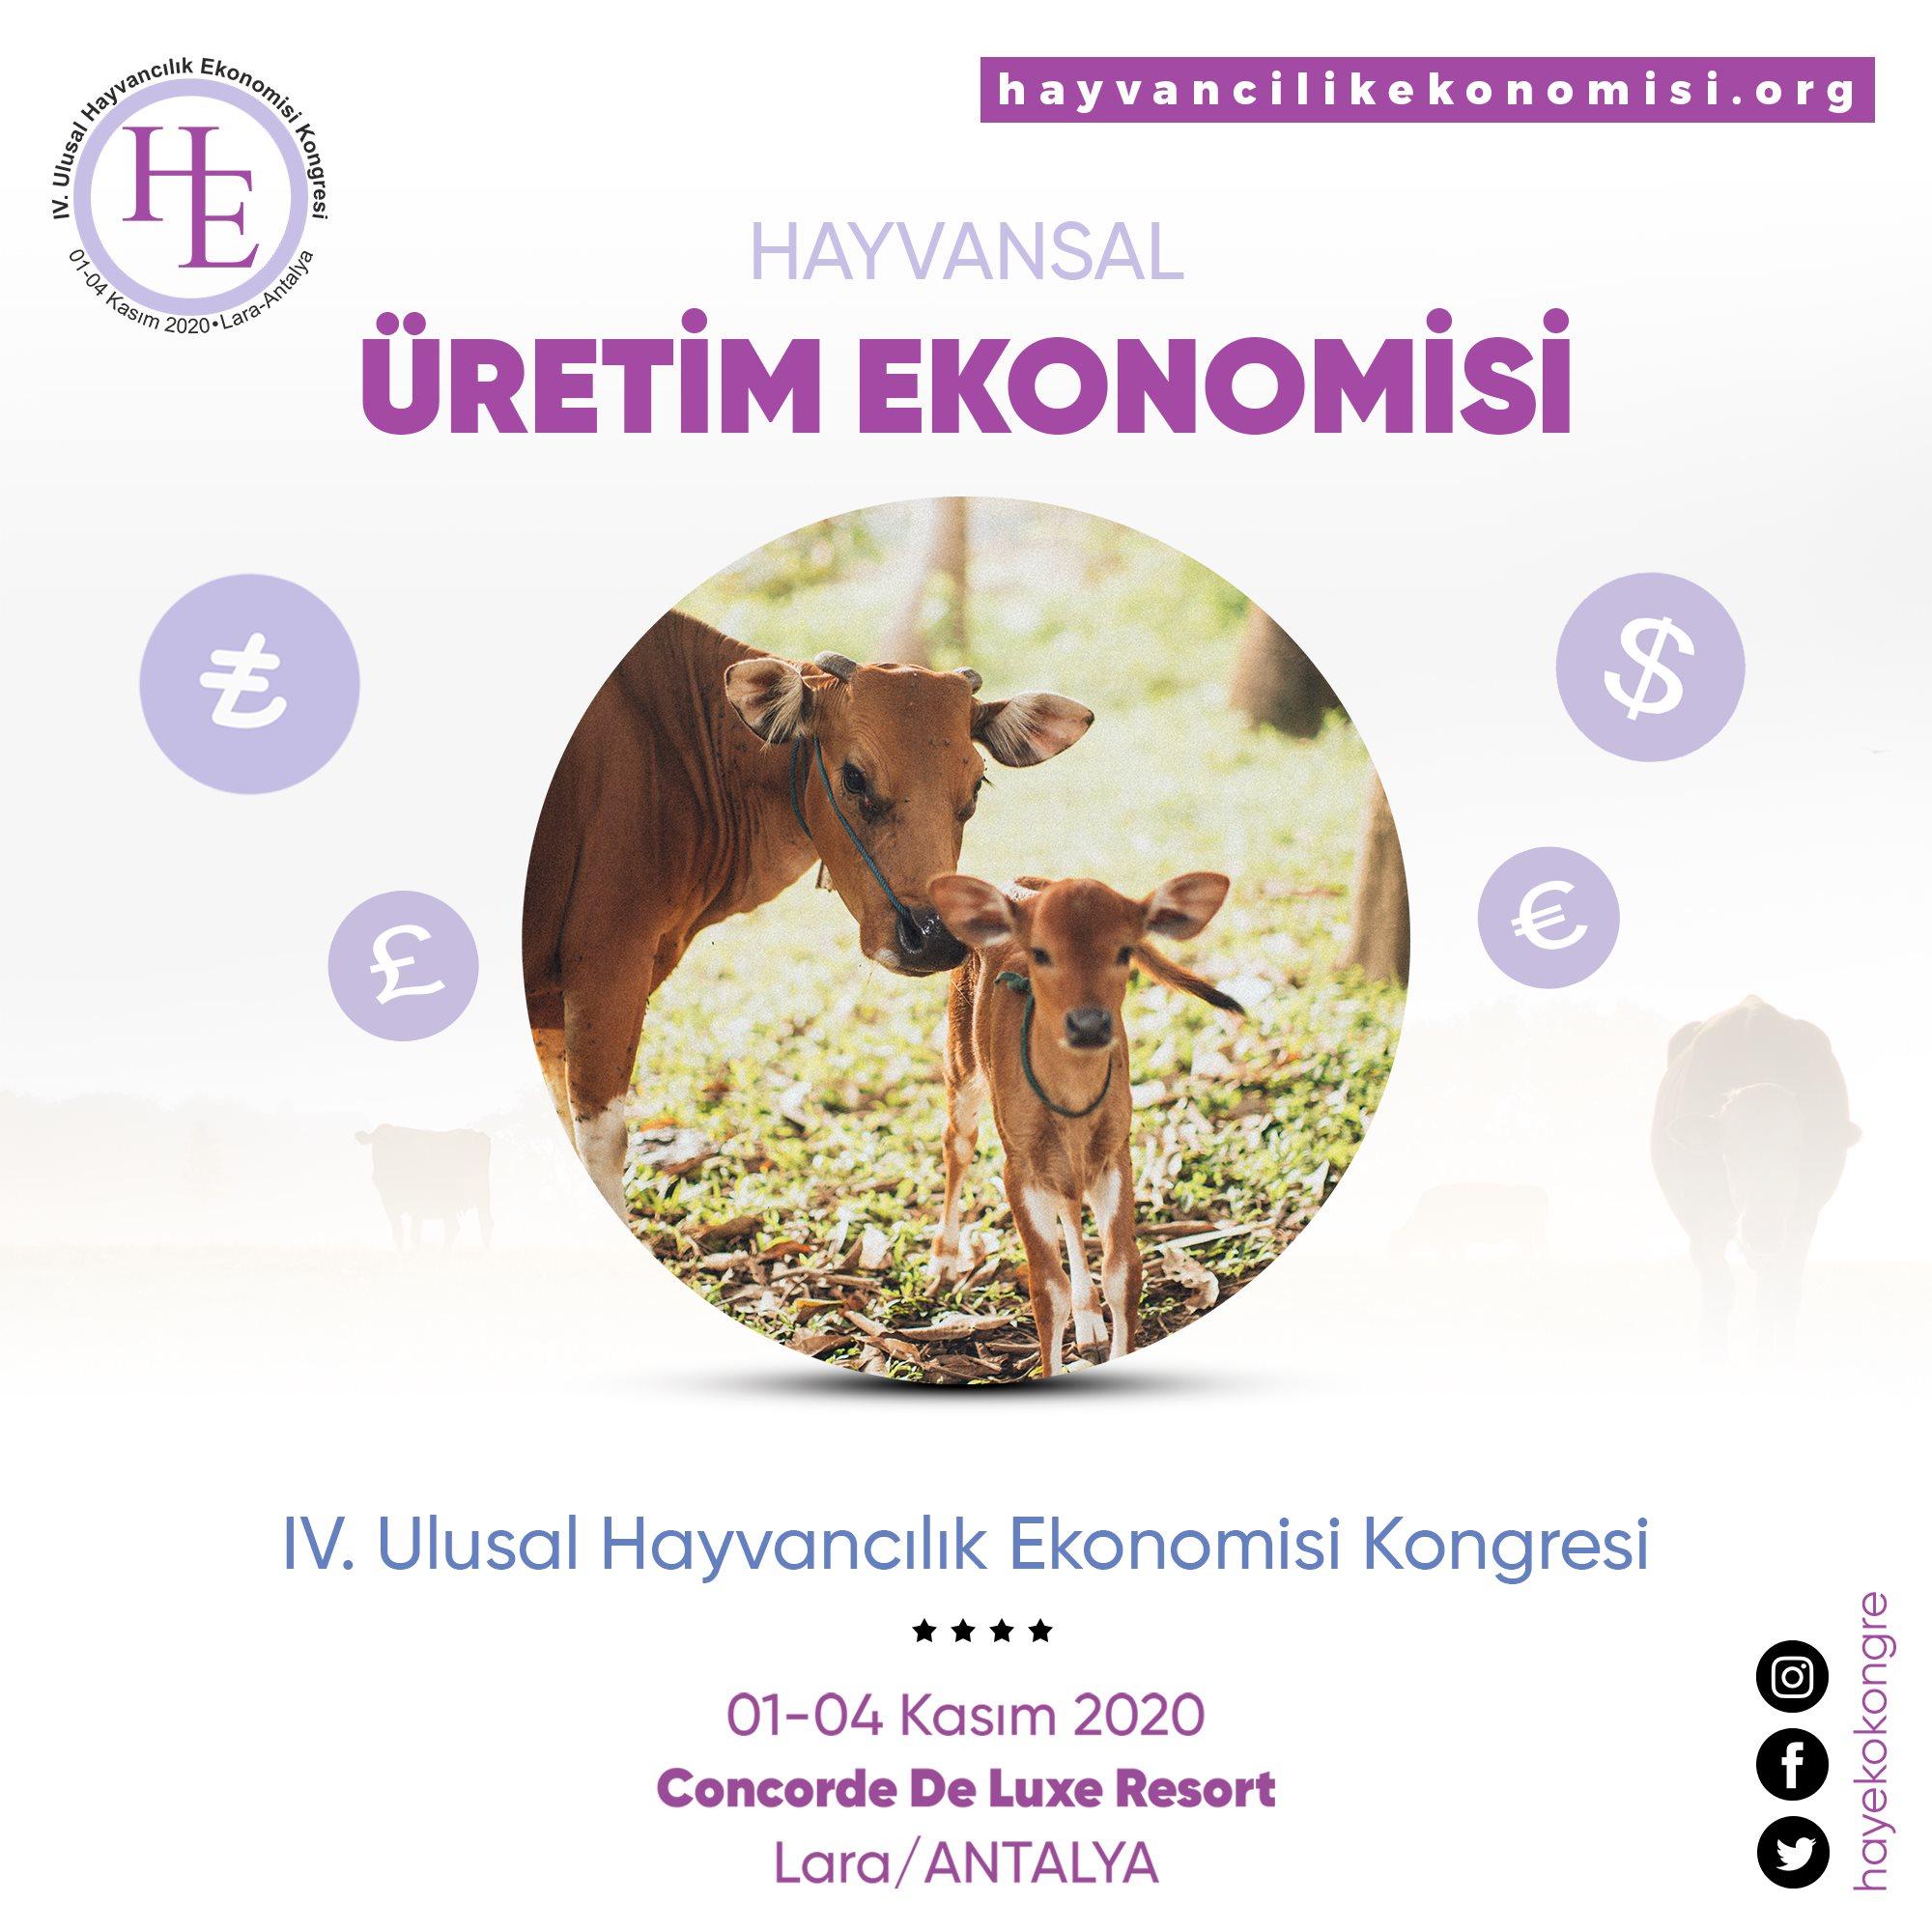 IV. Ulusal Hayvancılık Ekonomisi Kongresi 2020'ye DAVET..!